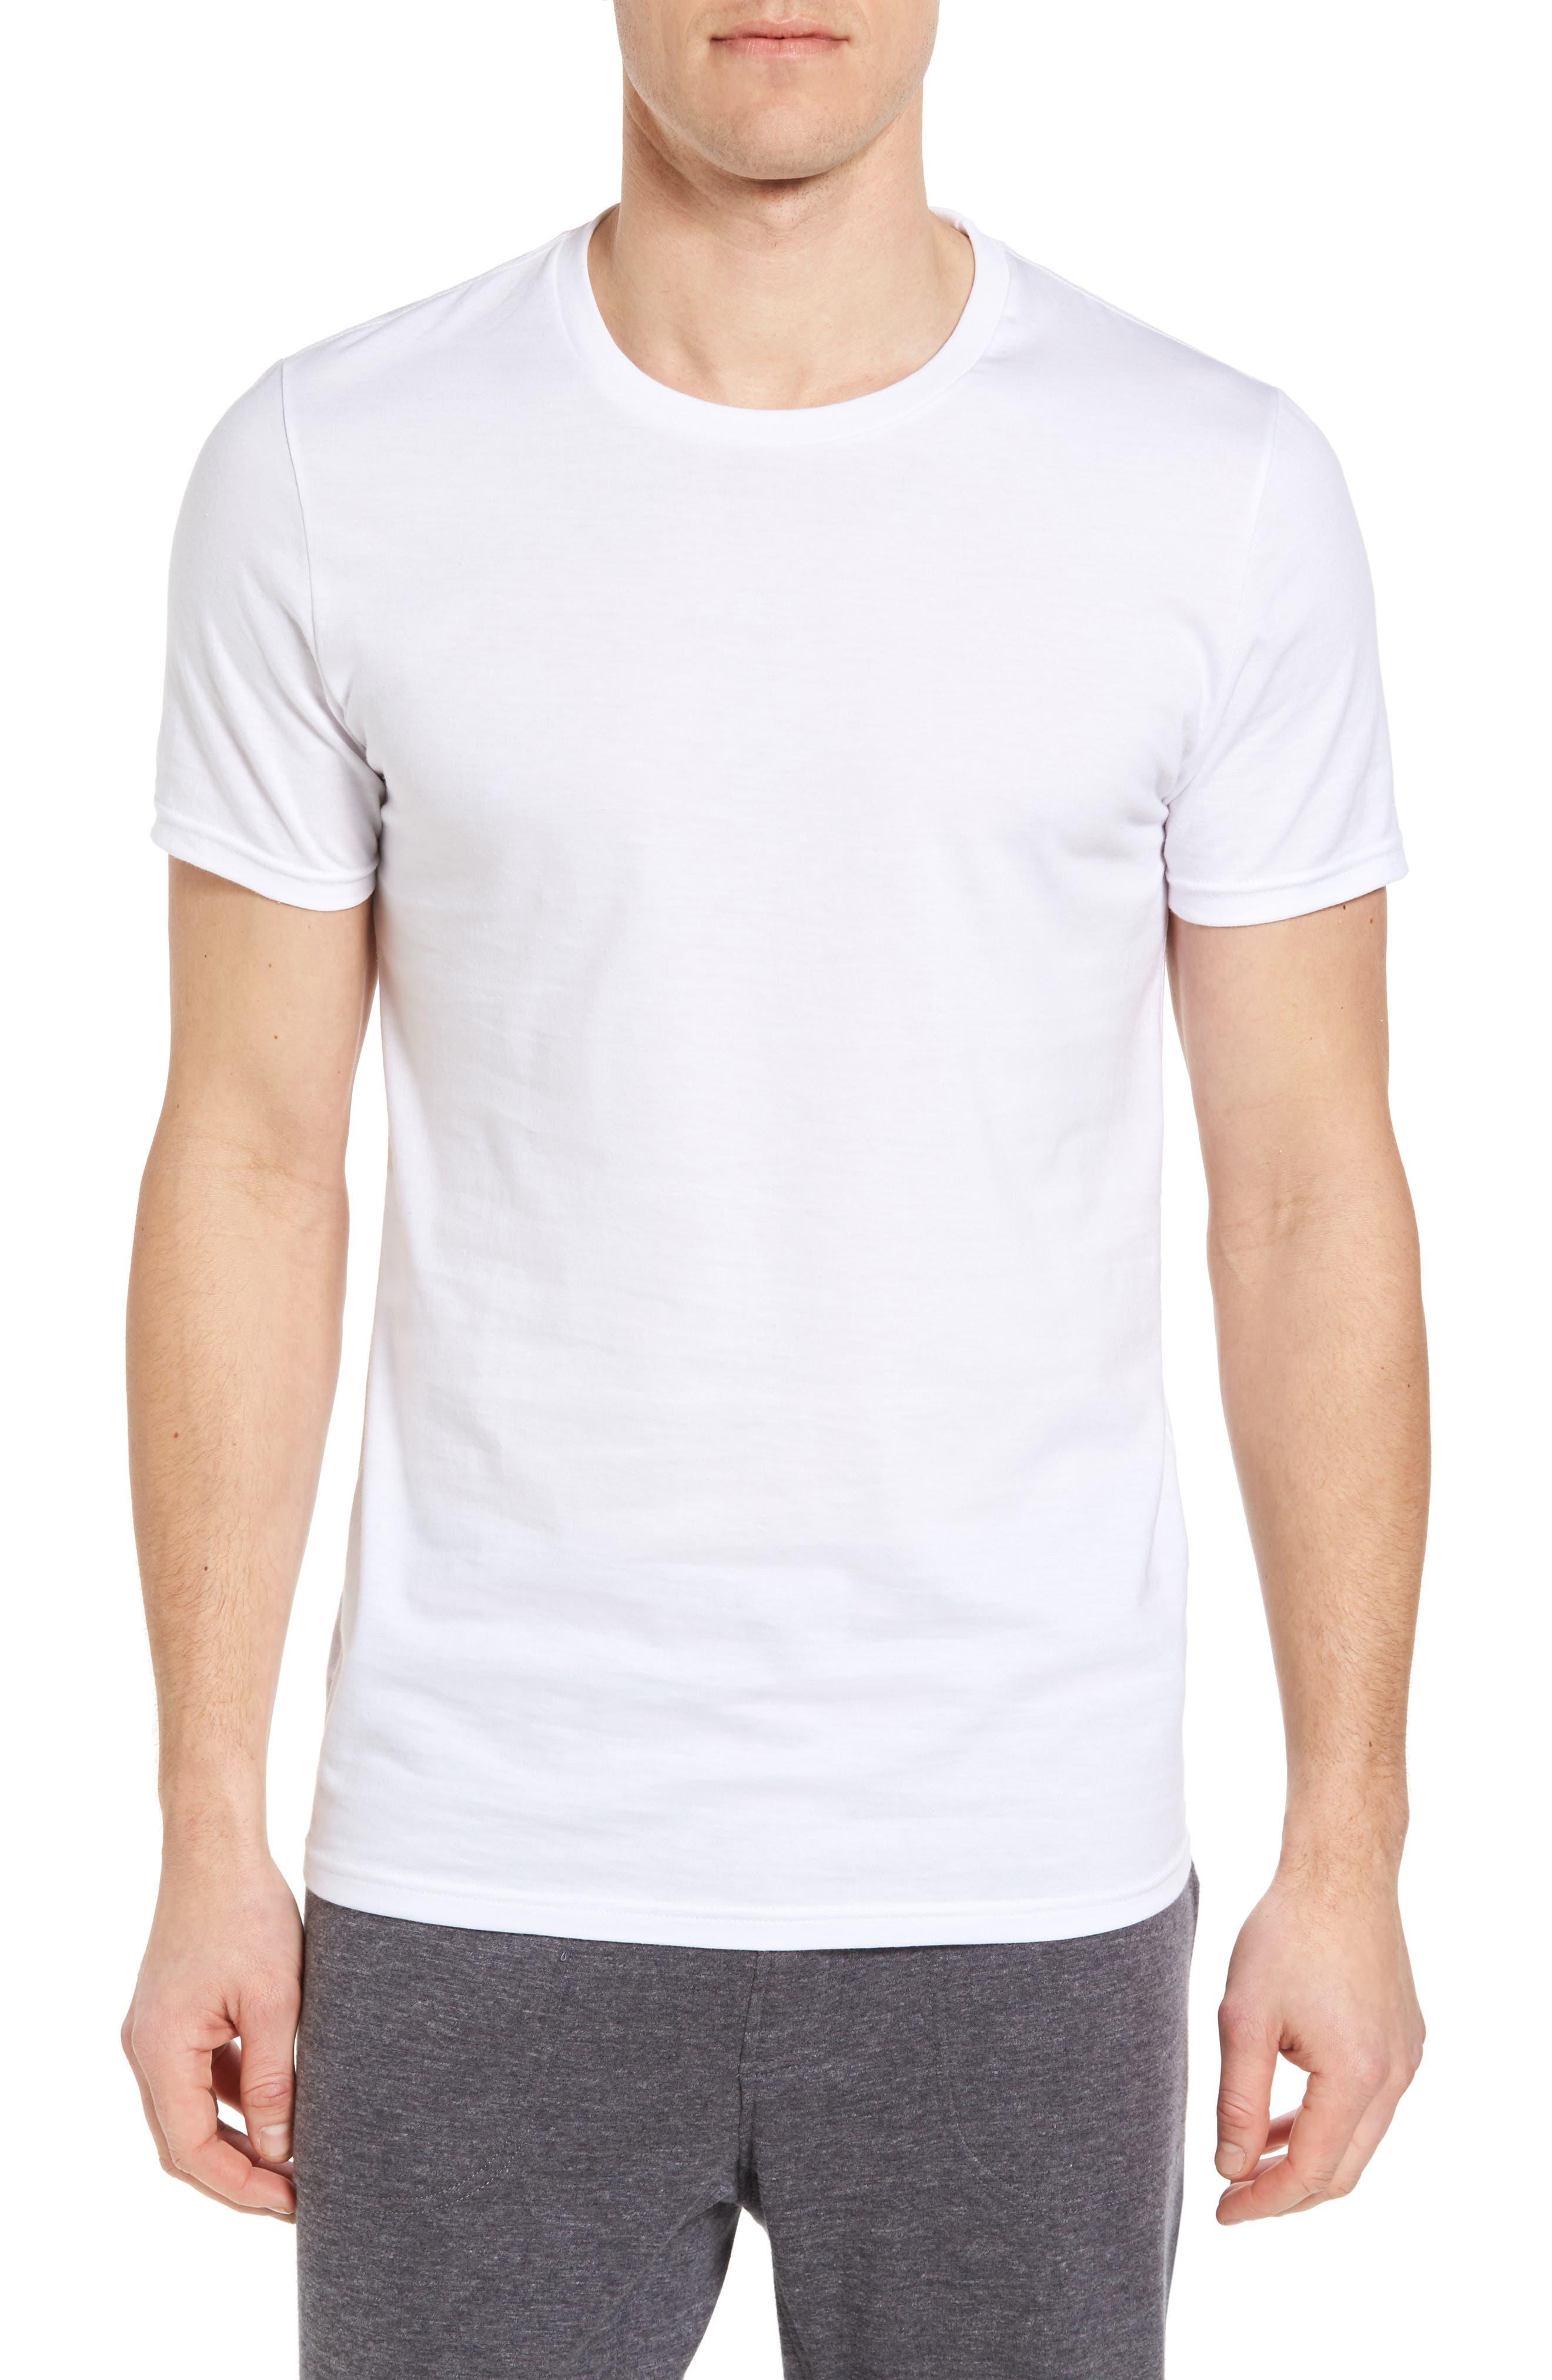 NORDSTROM MEN'S SHOP, 4-Pack Trim Fit Supima<sup>®</sup> Cotton Crewneck T-Shirt, Alternate thumbnail 2, color, WHITE